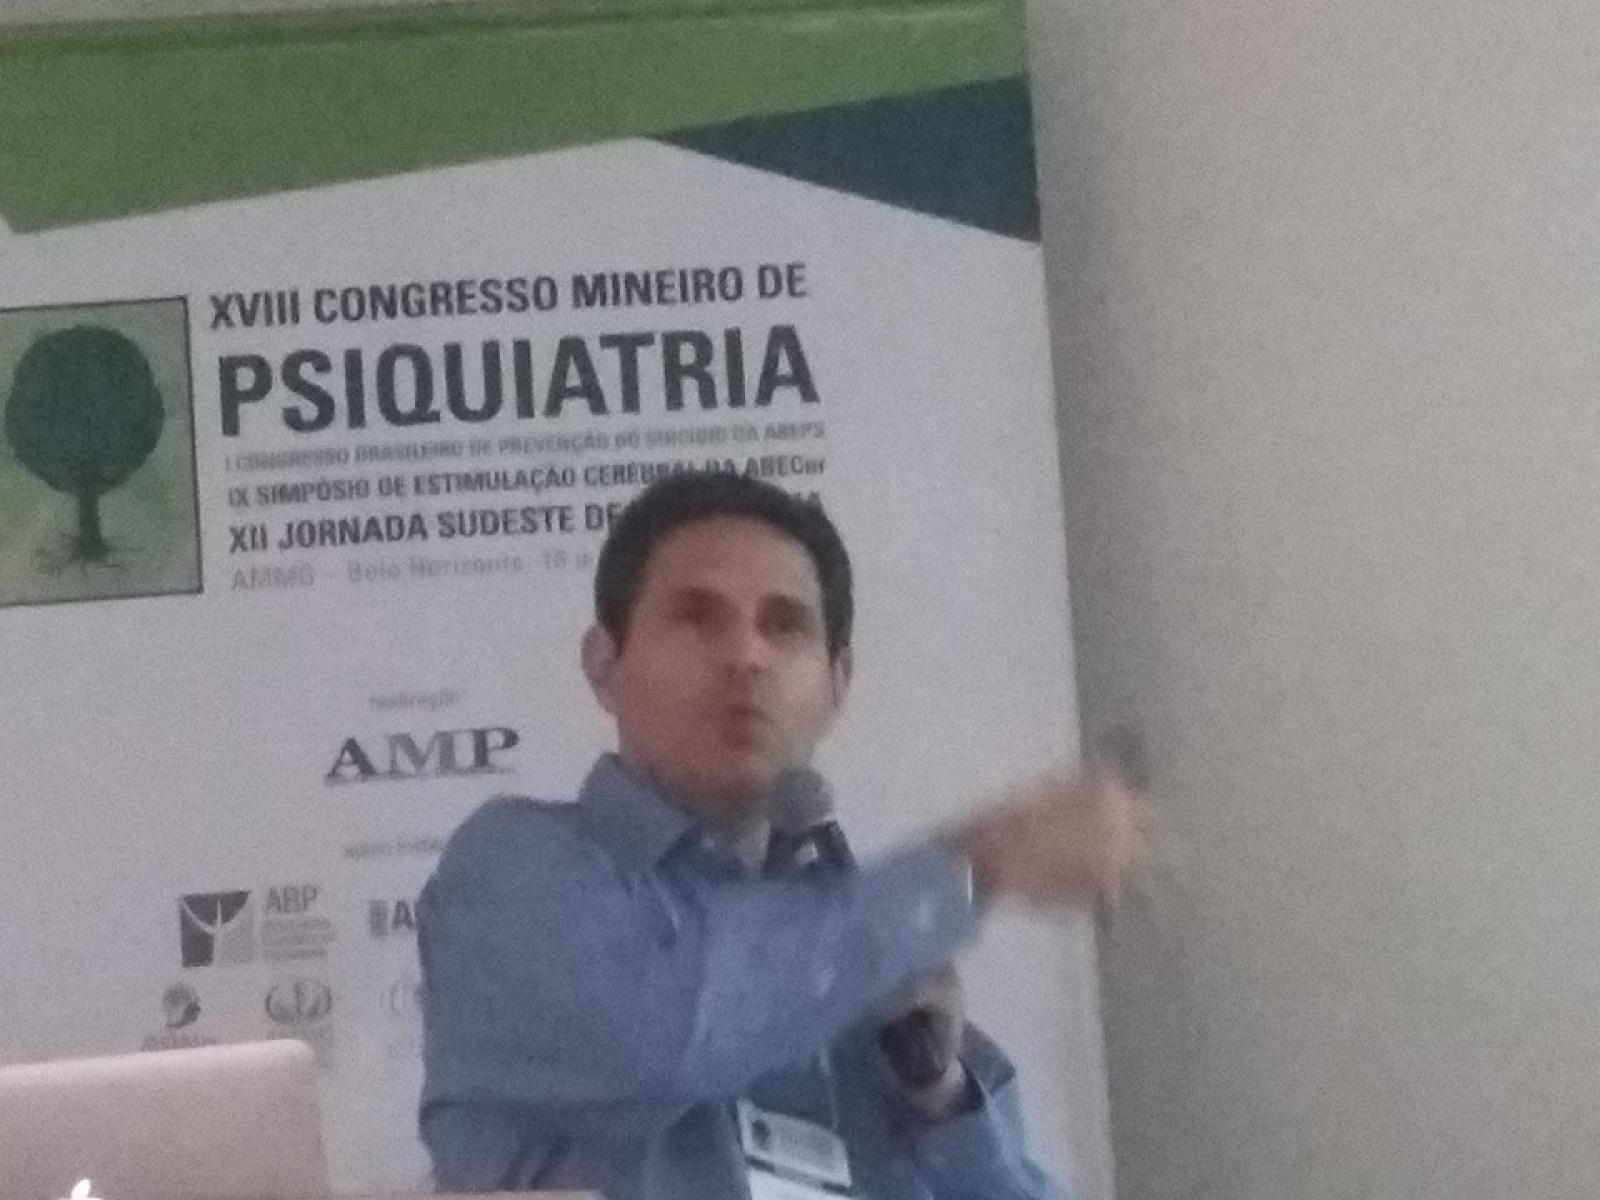 XVIII Congresso Mineiro de Psiquiatria